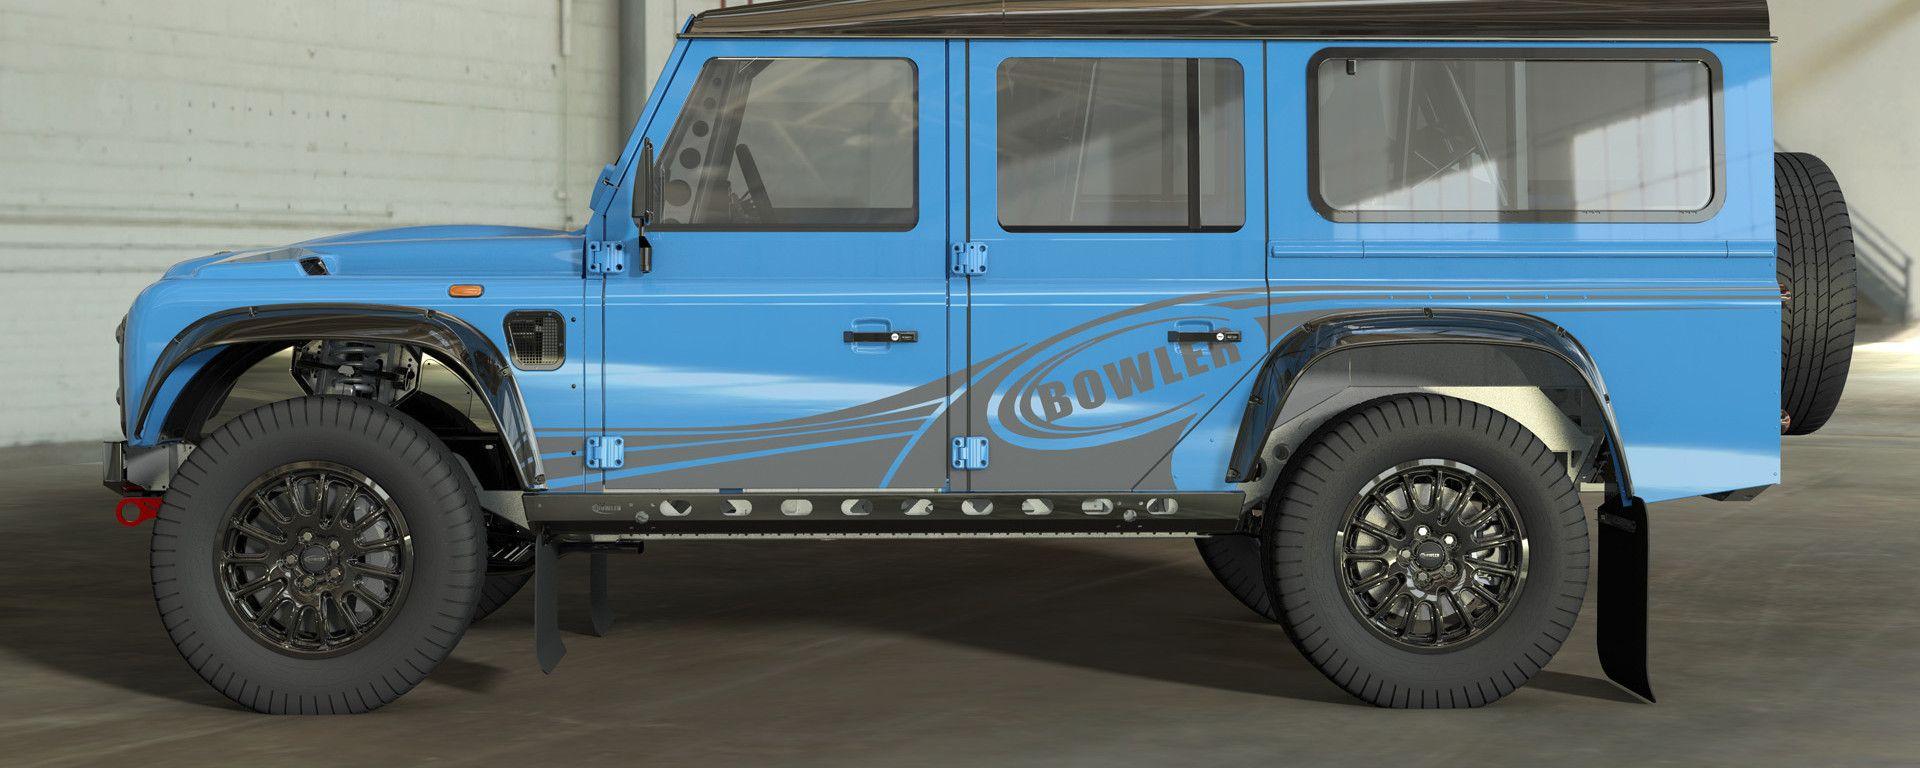 Land Rover Defender 110 by Bowler: una rally car da 576 CV